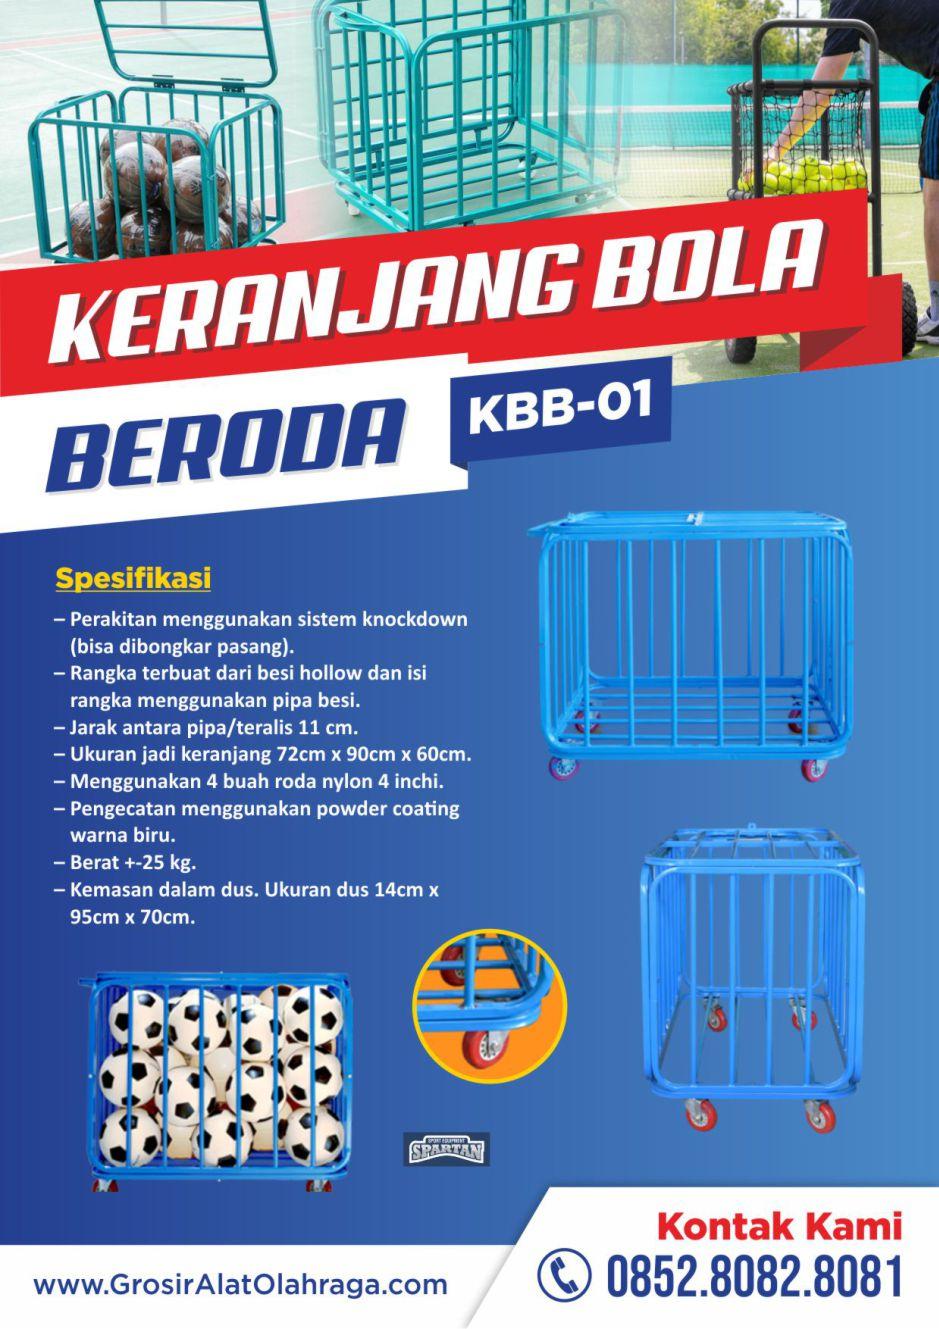 keranjang bola beroda kbb-01